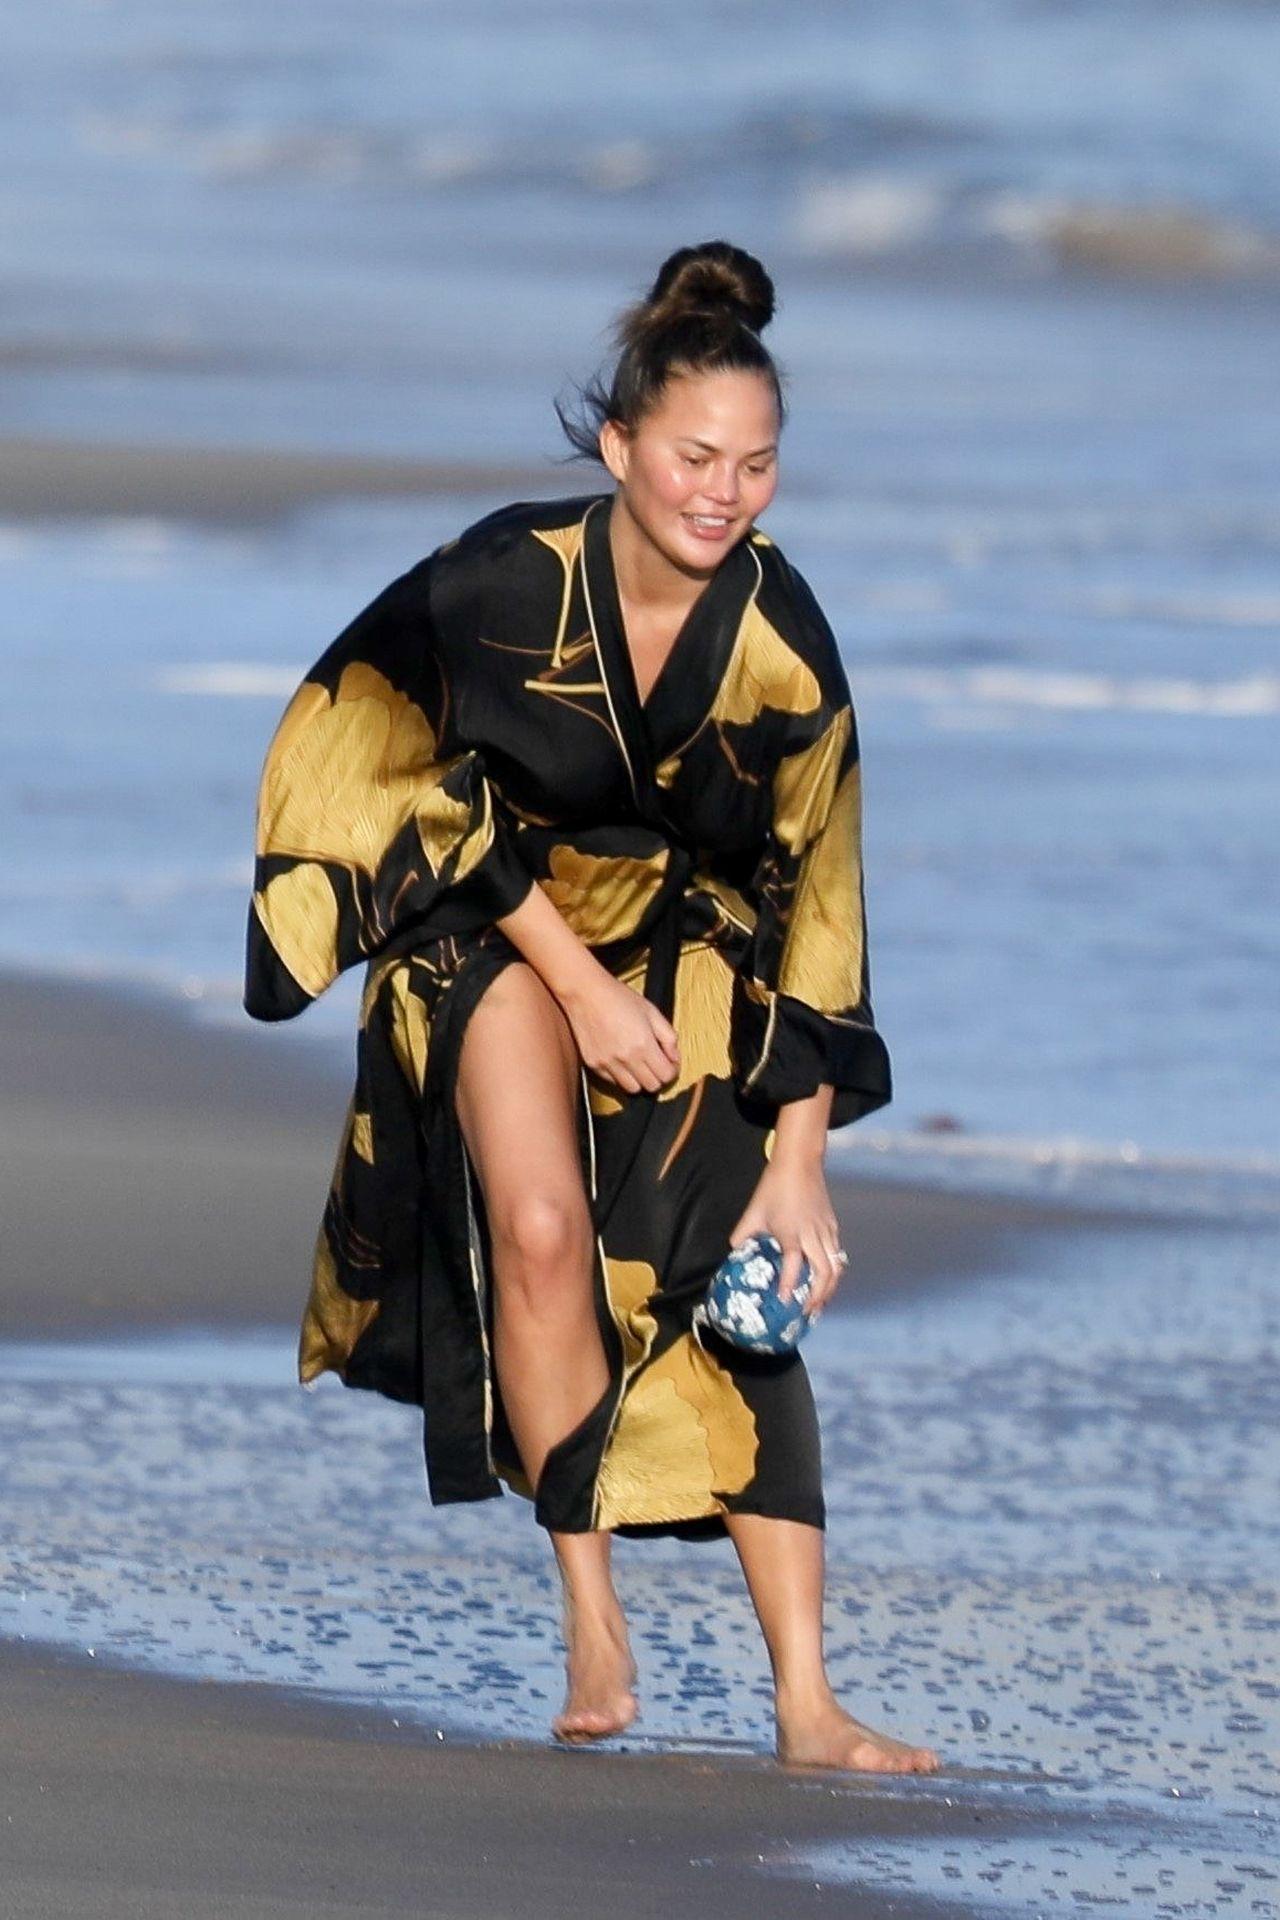 Chrissy Teigen Enjoys A Beach Day In Malibu Amid All Coronavirus Chaos 0006